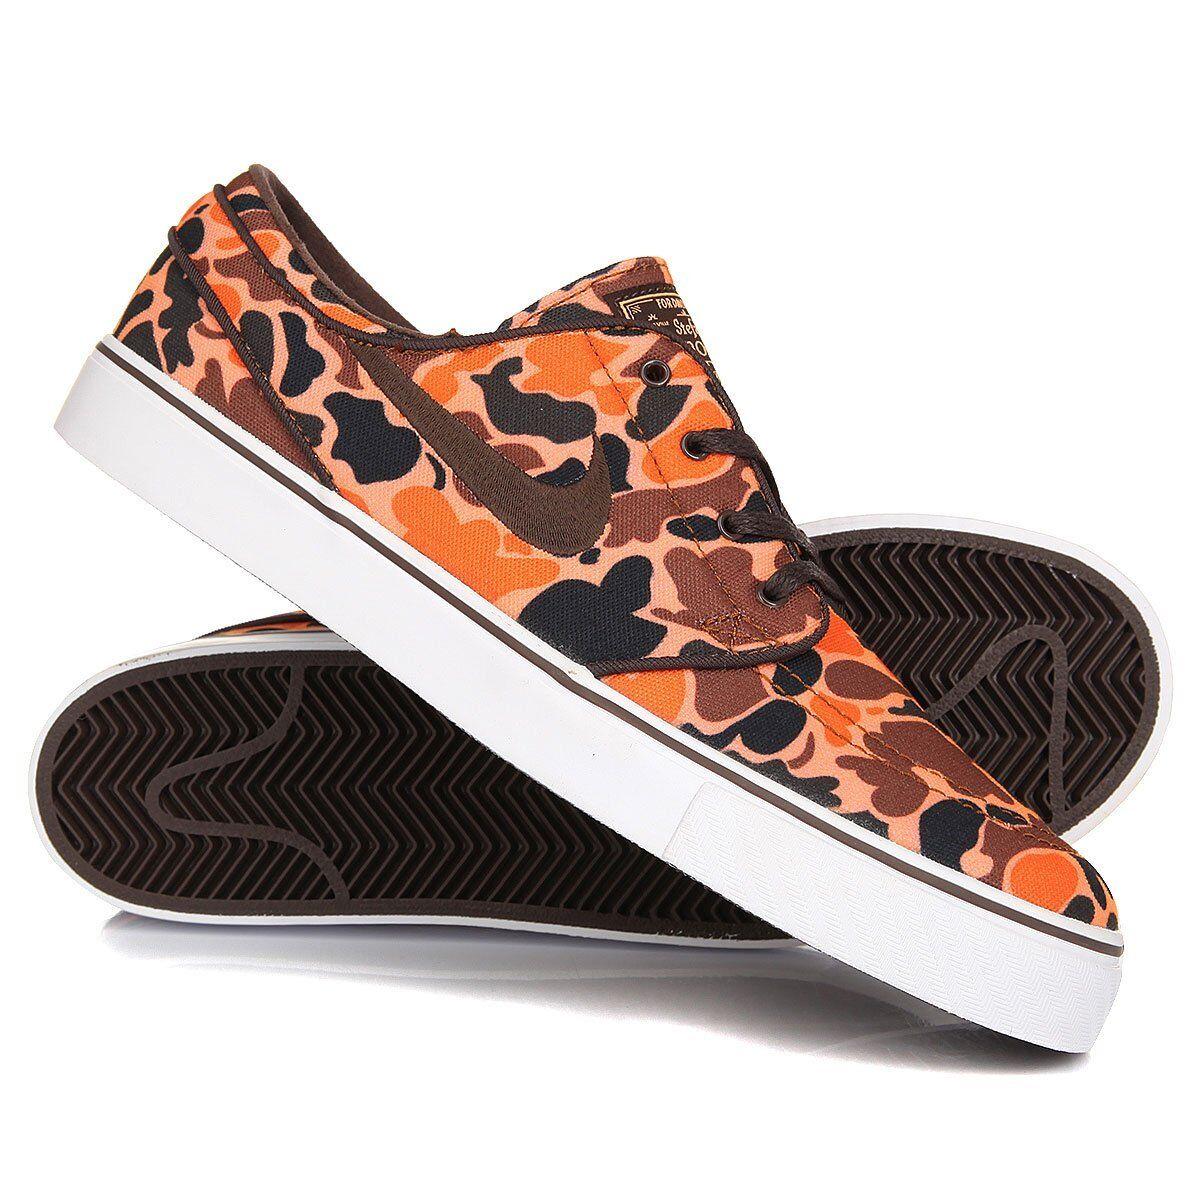 Nike SB Stefan Janoski Hazelnut Peach Camo sz 9.5 Skate Board Chaussures 705190-221